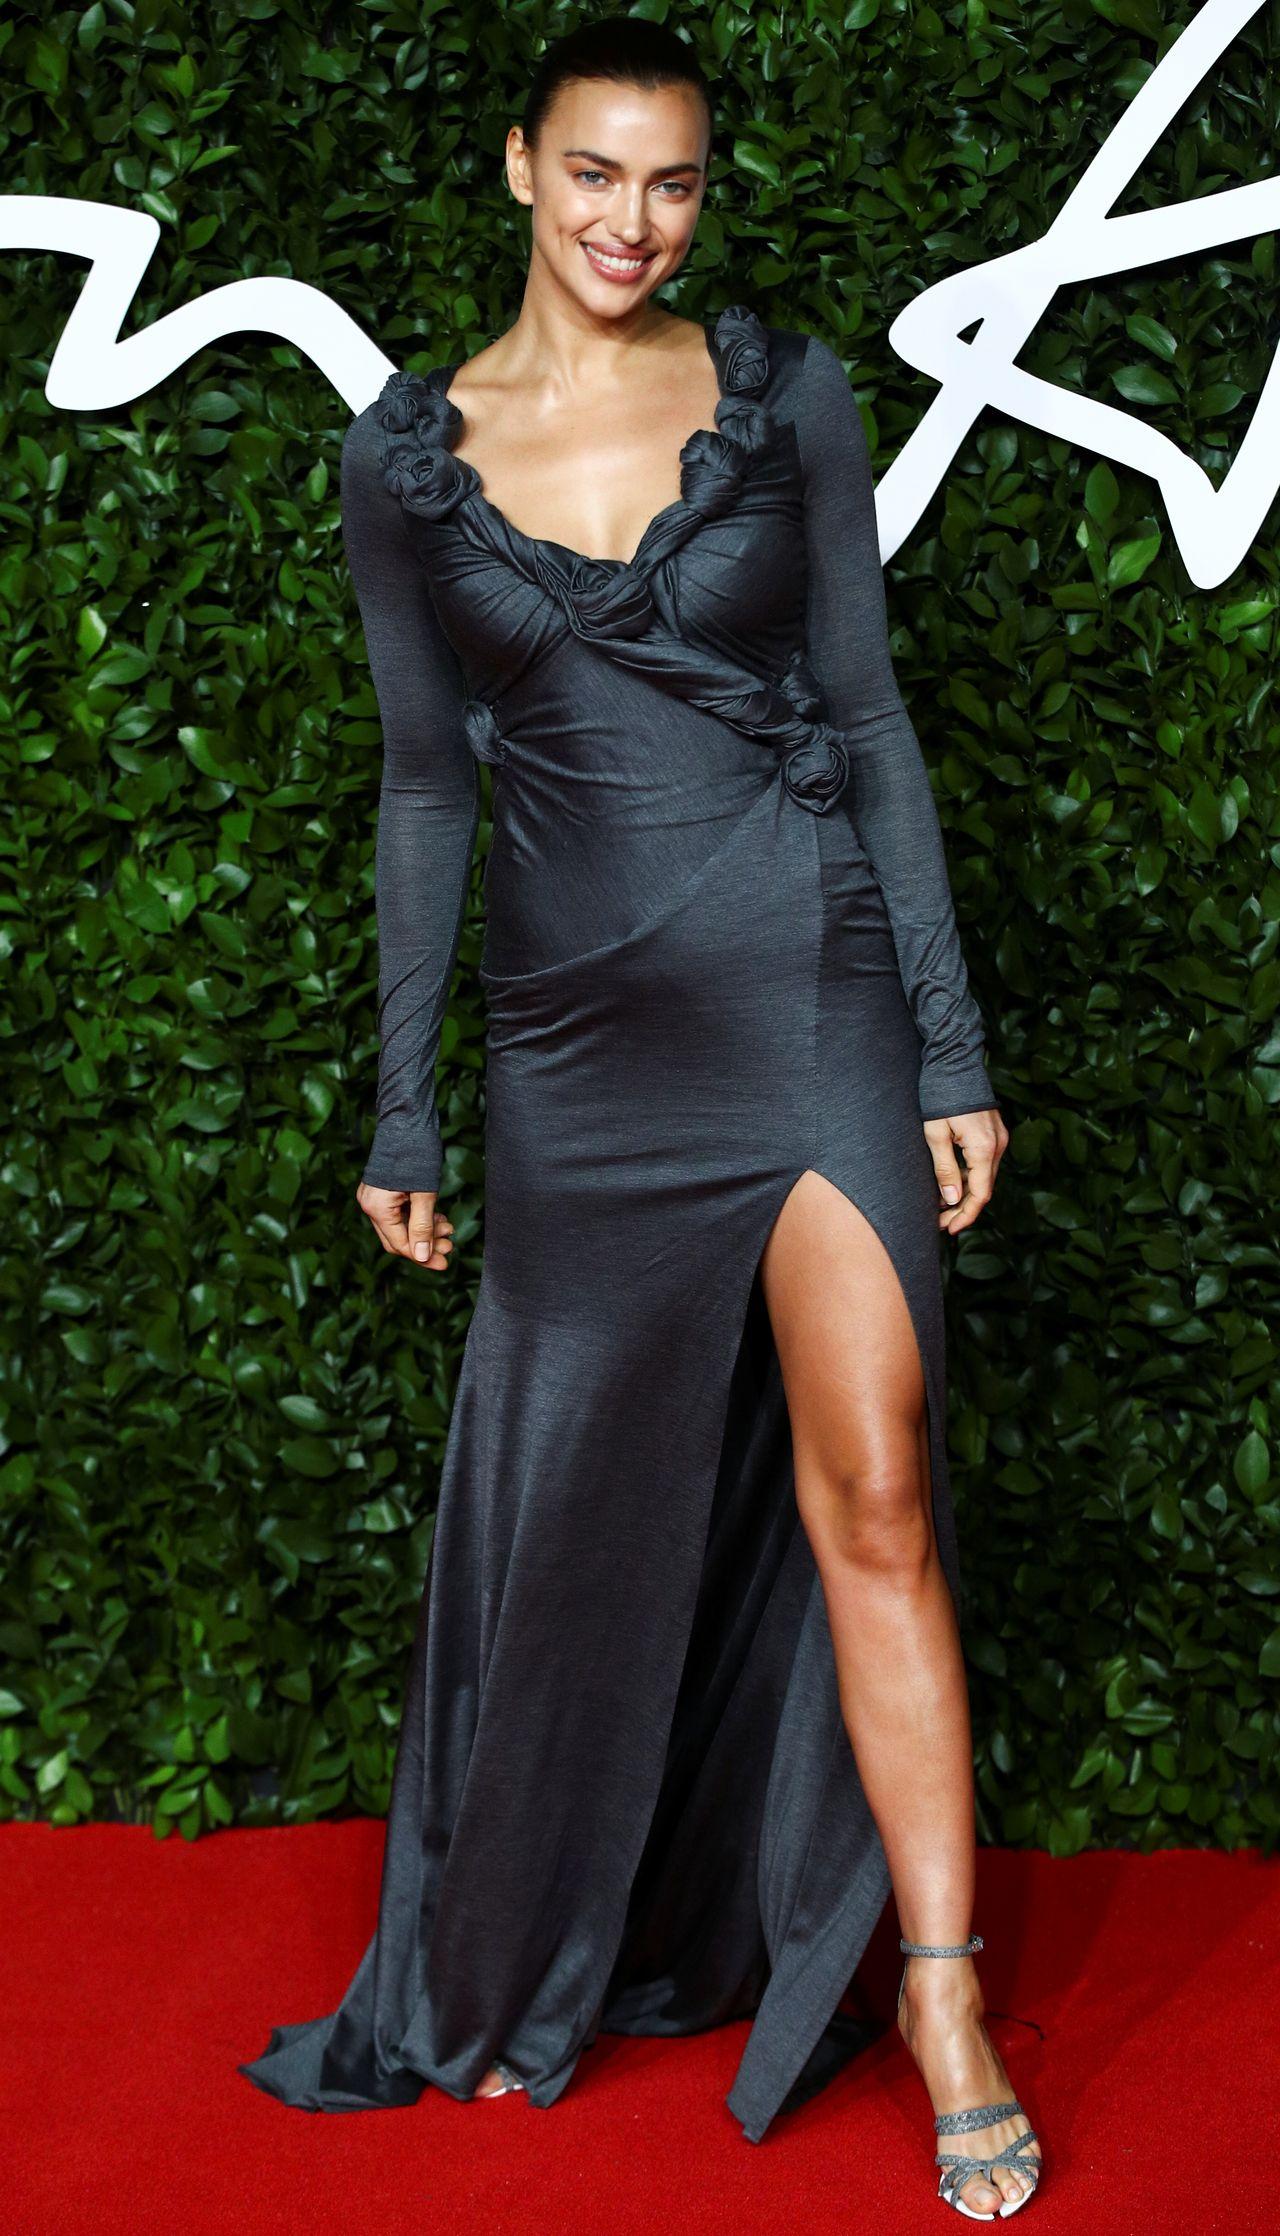 Seksowna Nicole Scherzinger, niecodzienny makijaż Rity Ory, Rihanna w mini – kreacje gwiazd na Fashion Awards (ZDJĘCIA)